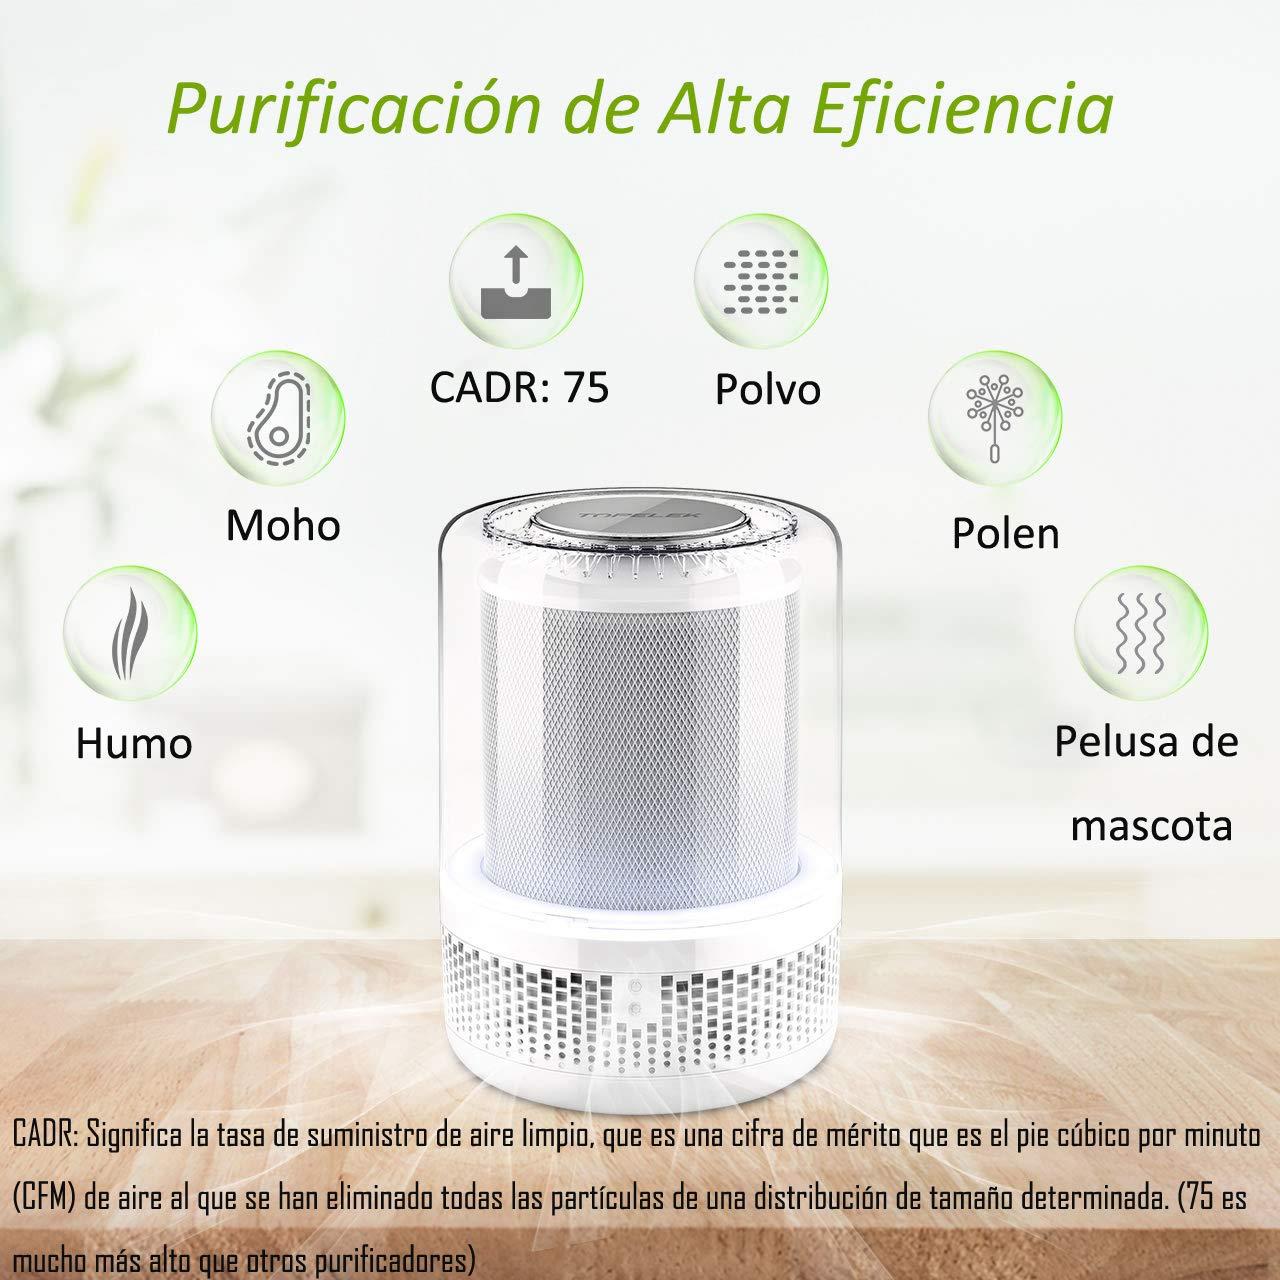 CADR 75/£/¬Eliminador de PM 2.5 40db. Polvo Humo Alergias Filtro Grande Moho el 99,97/% de Olores LUZ LED Polen y Olor y Caspa de Mascotas TOPELEK Purificador de Aire Filtro HEPA Verdadero